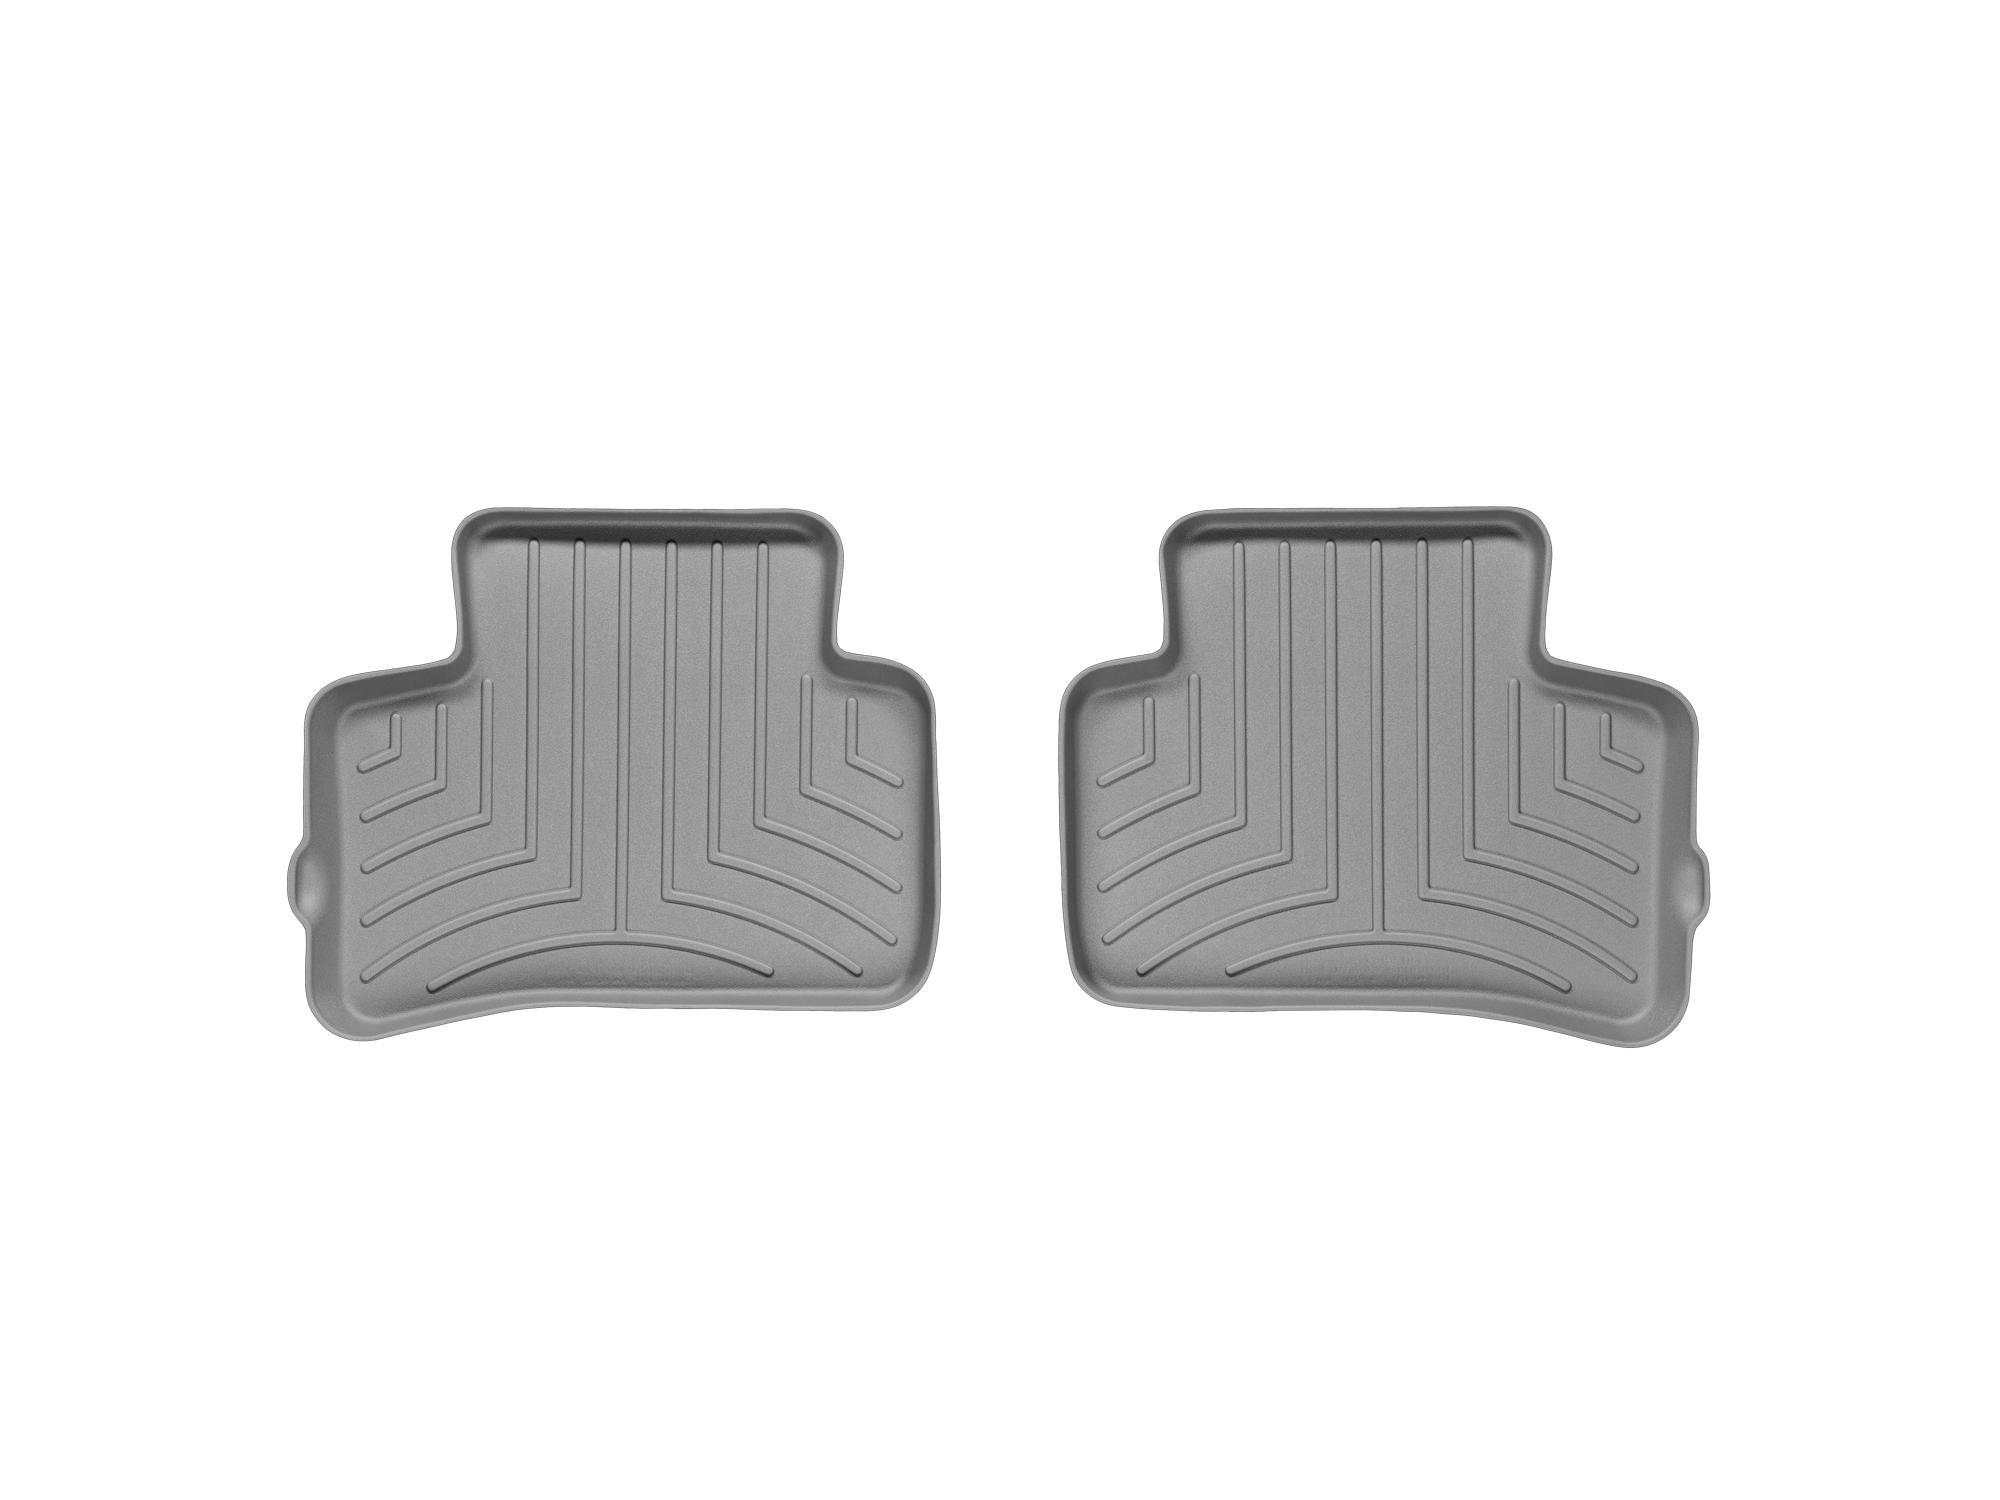 Tappeti gomma su misura bordo alto Mercedes GLK-Class 09>15 Grigio A2492